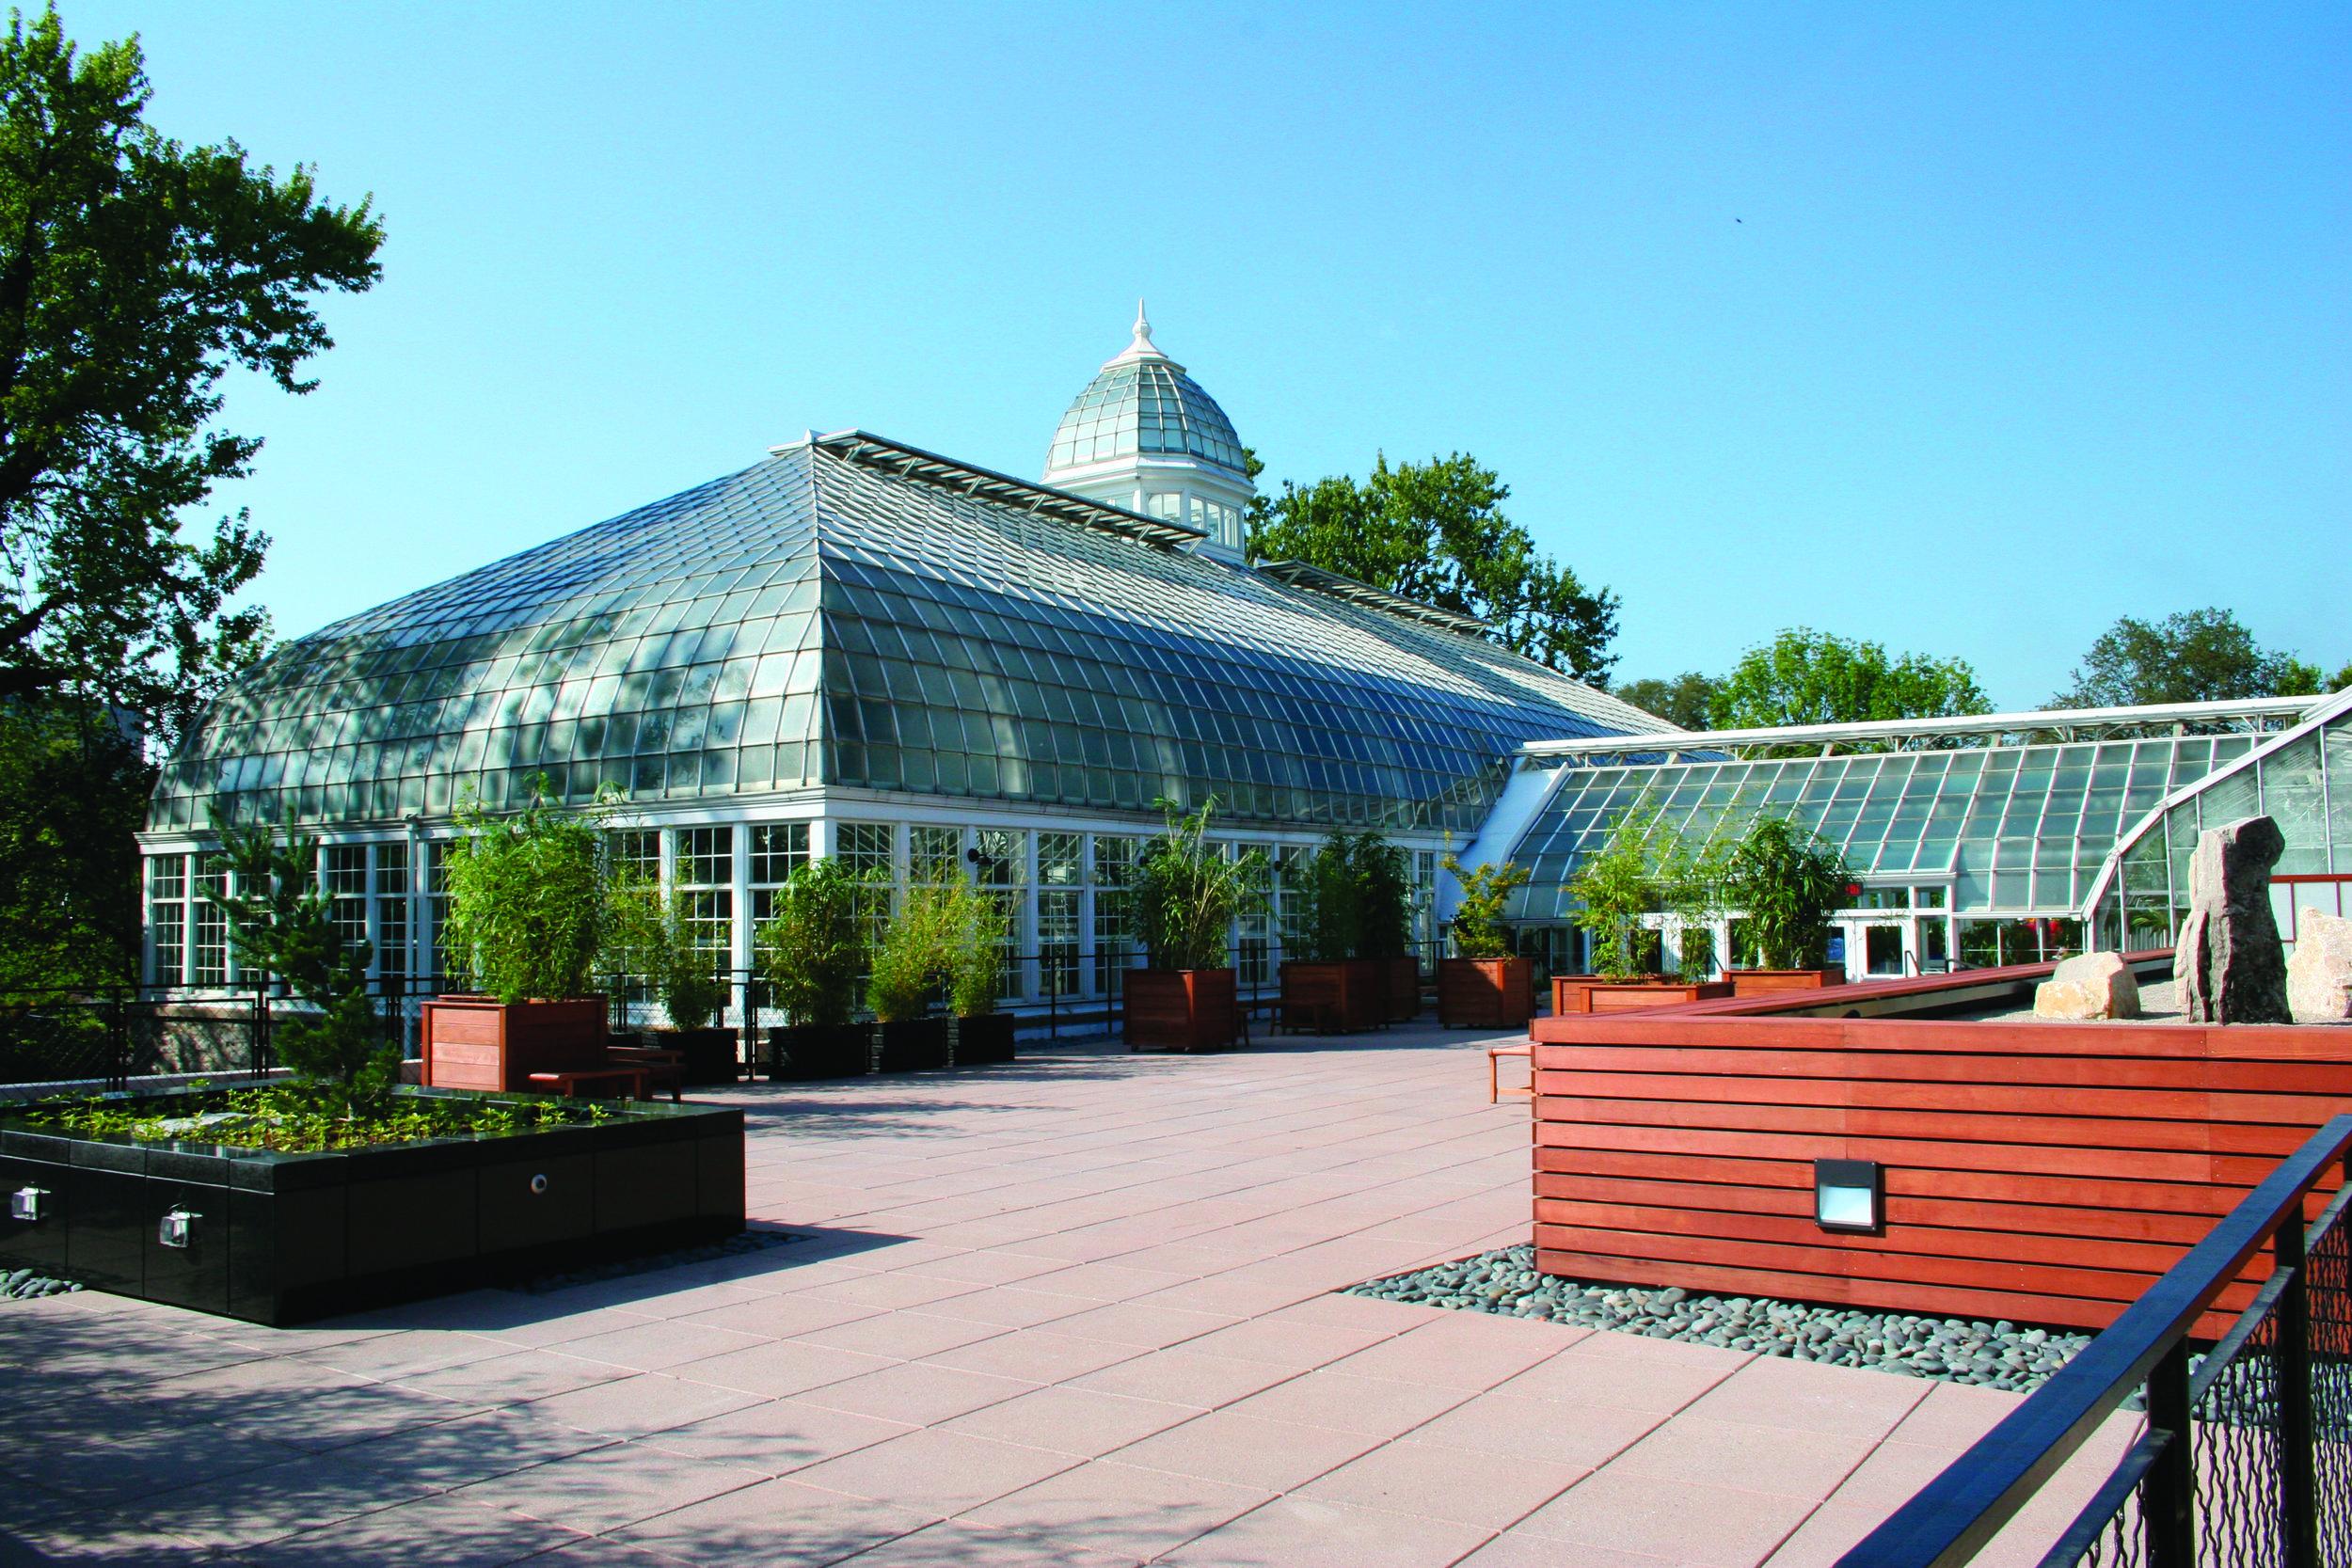 fpc_rooftop garden 6.JPG